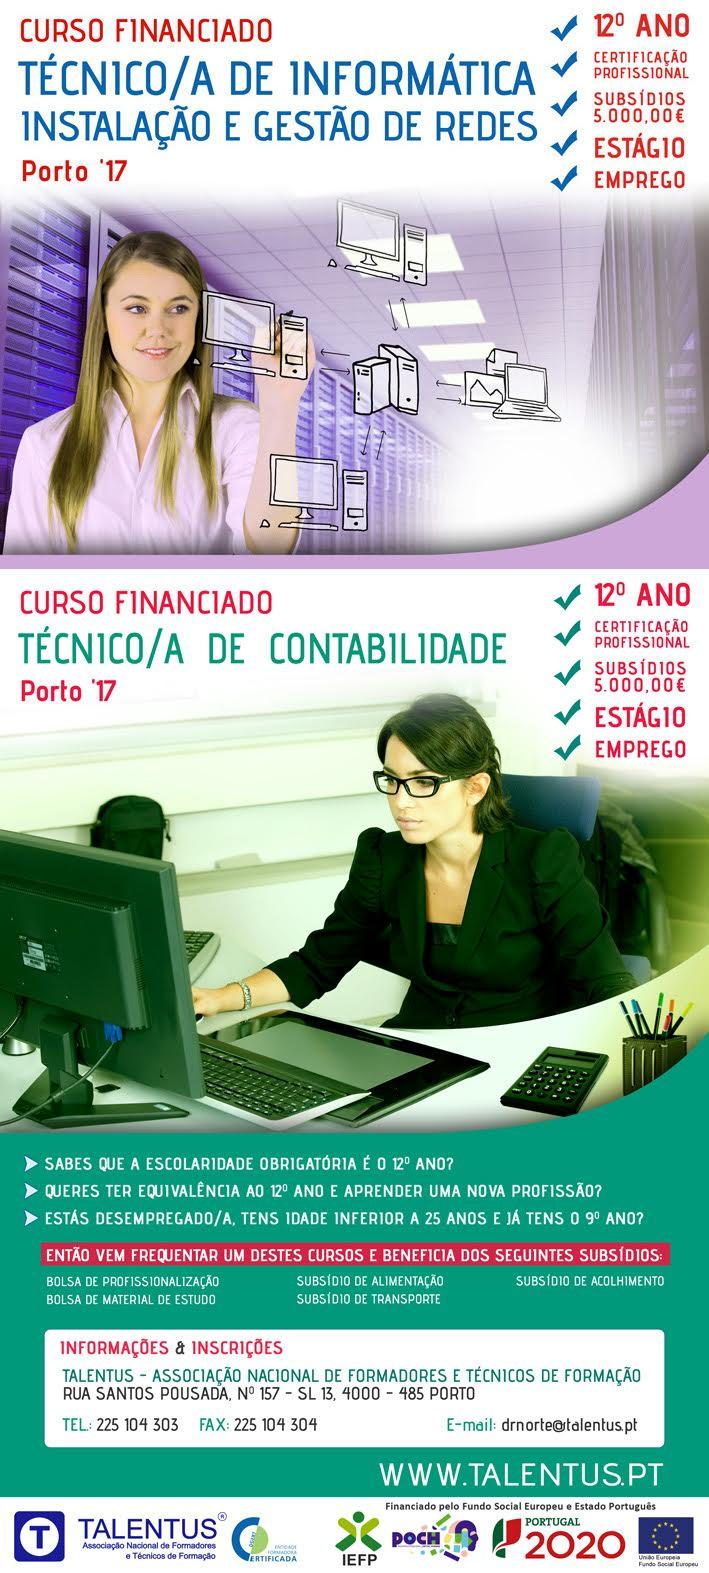 Cursos financiados: Contabilidade e Informática (Instalação e Gestão de Redes) – Porto 2017